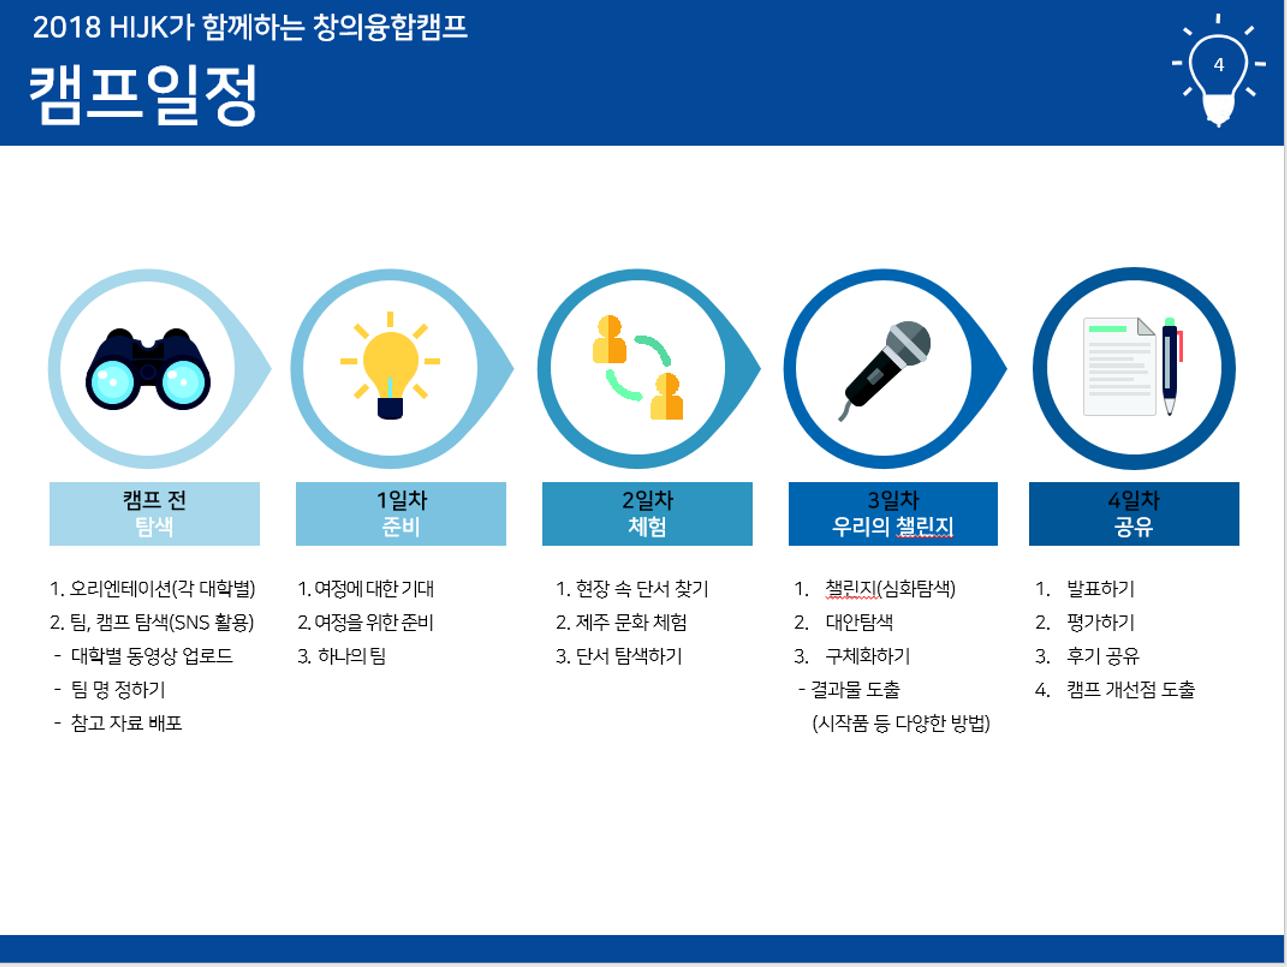 (공지)창의융합캠프 일정소개.png